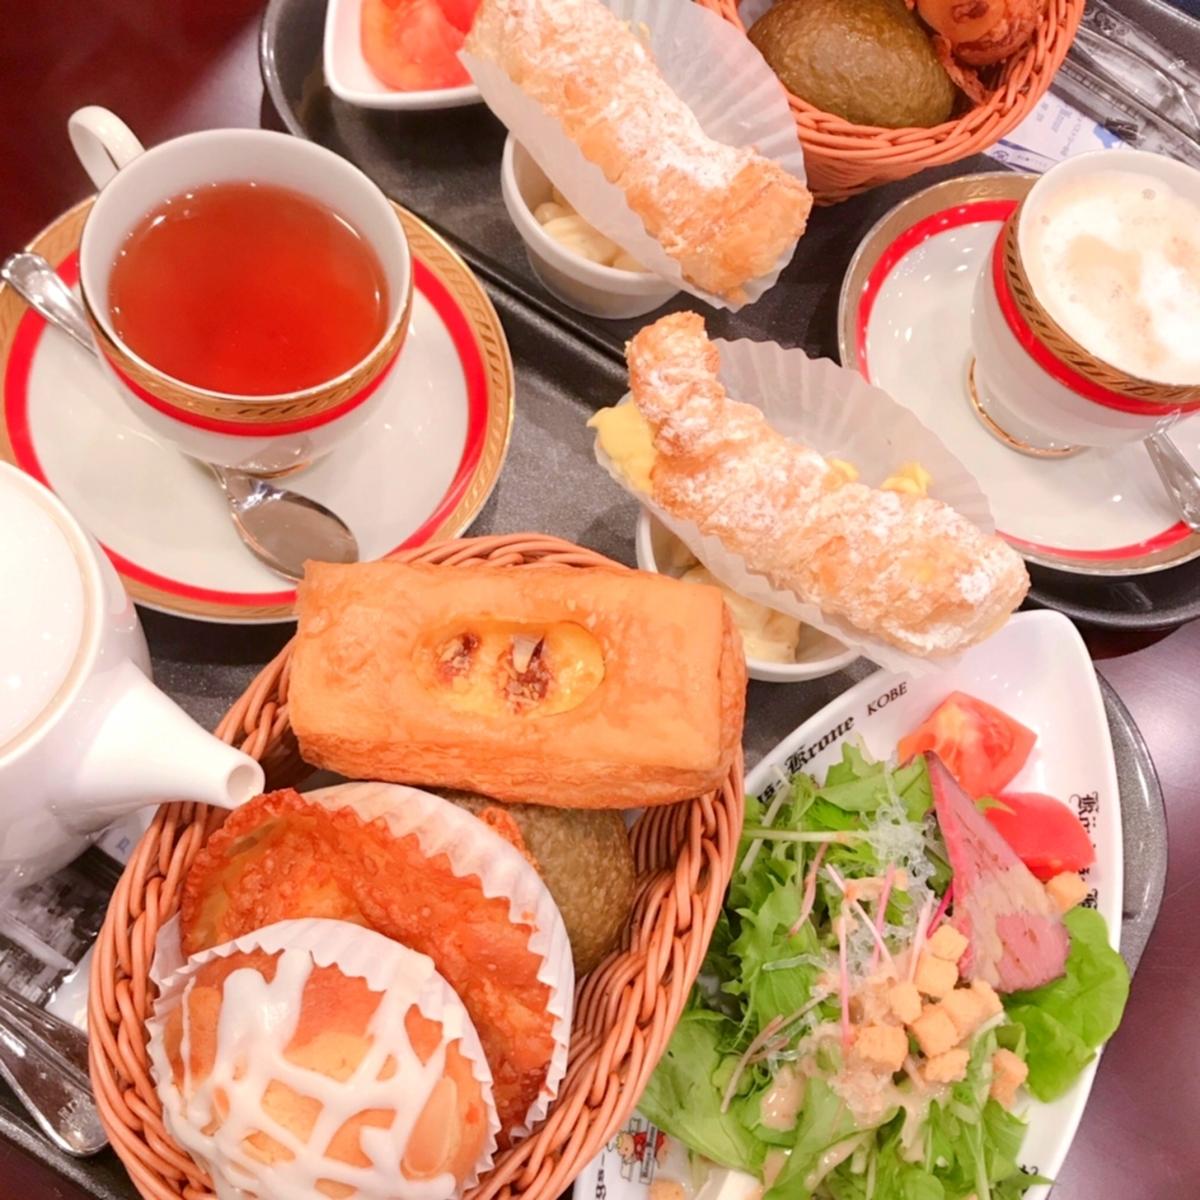 紅茶とグリーンサラダ、小さなパンがいくつか載った写真